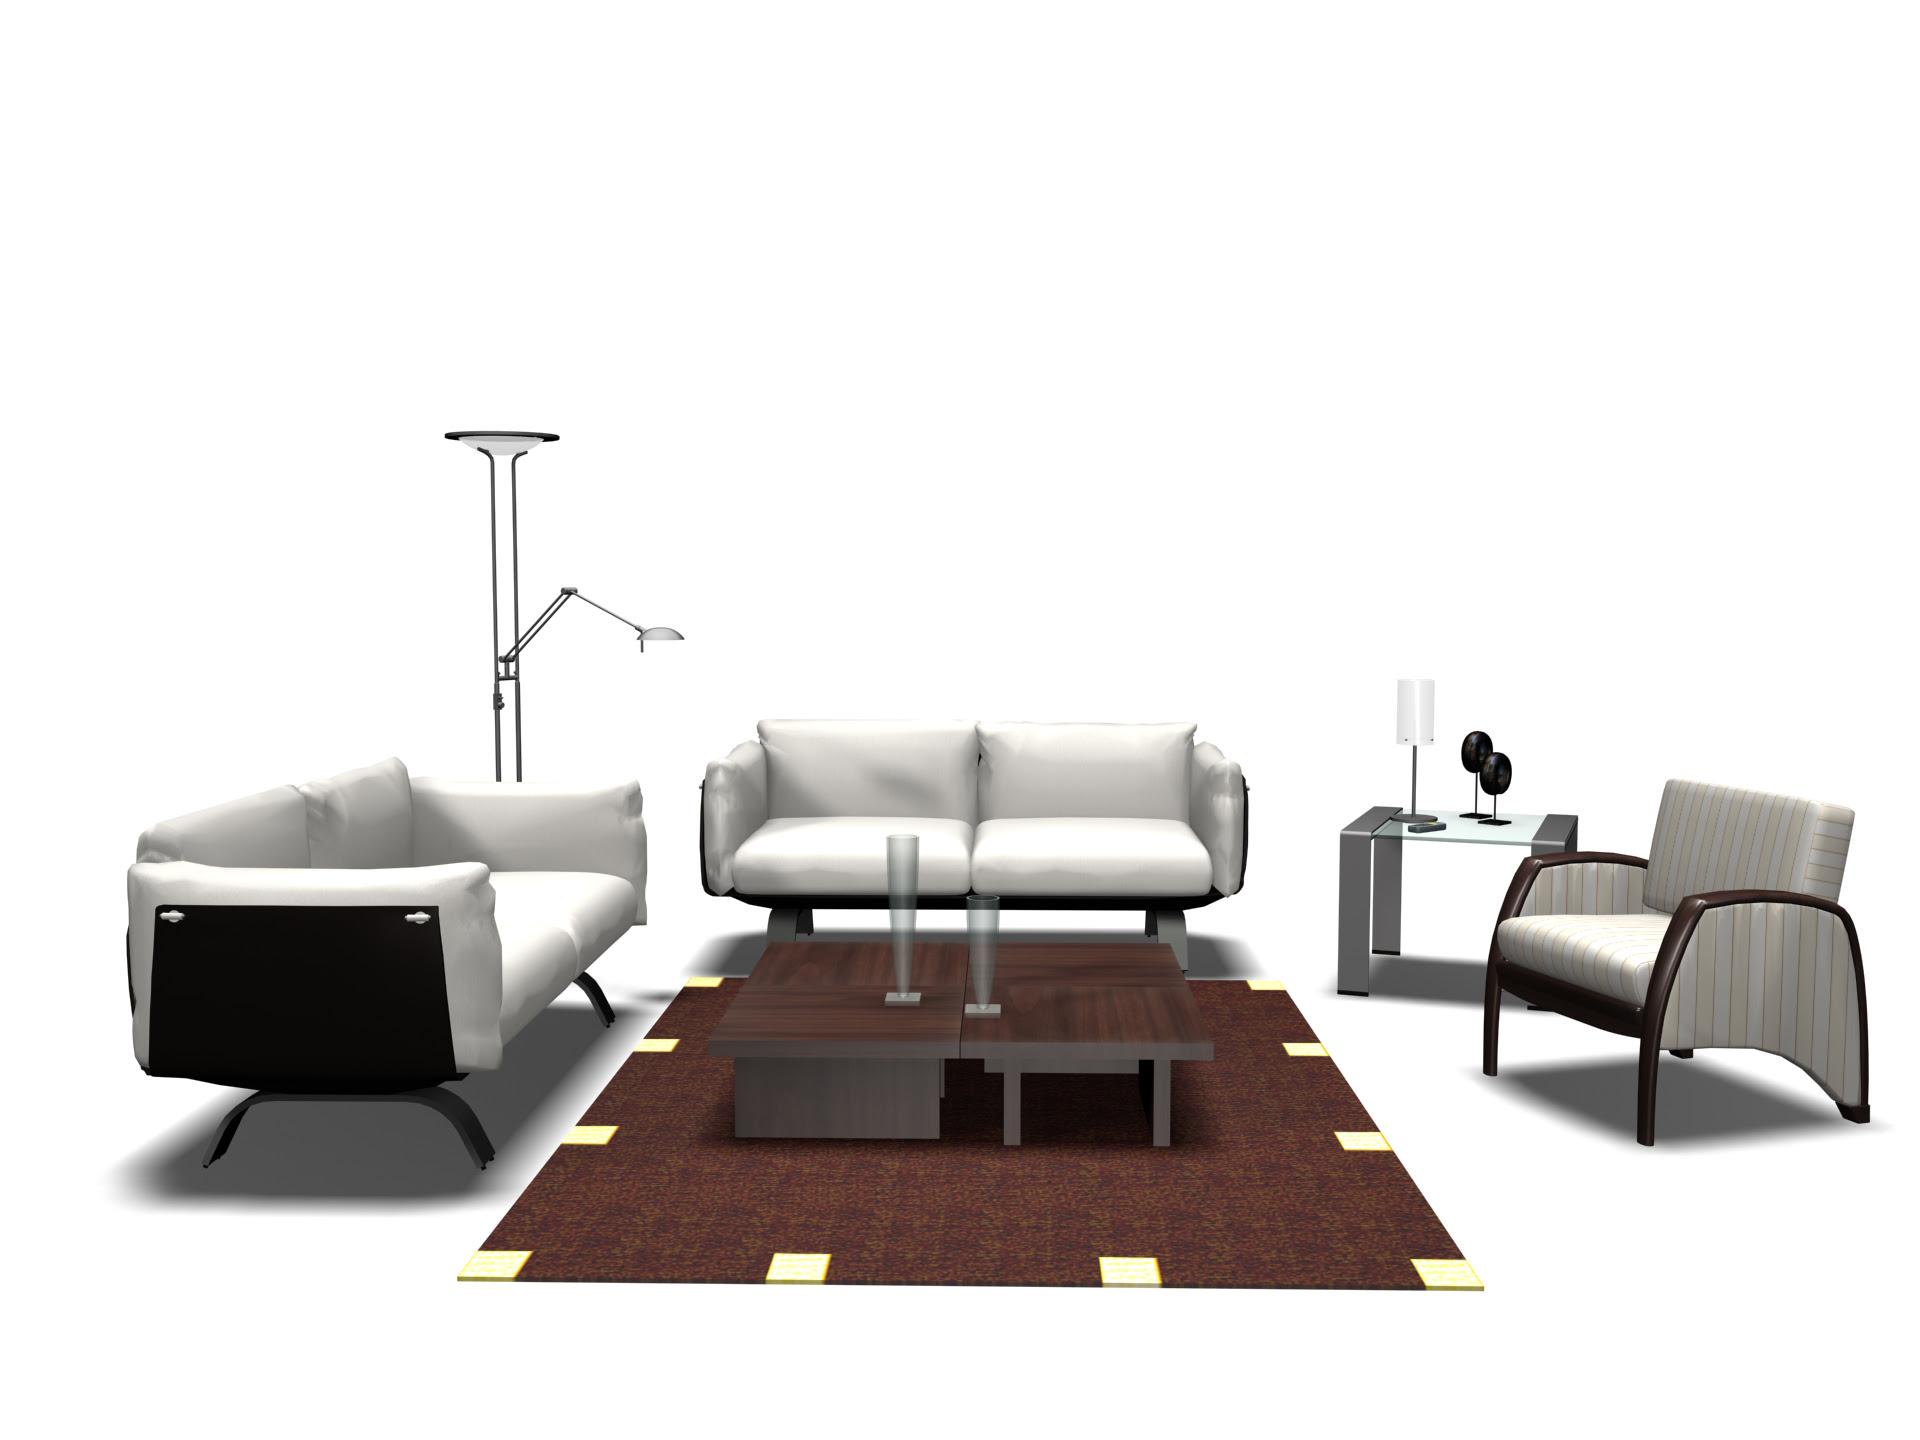 furniture - sas 011